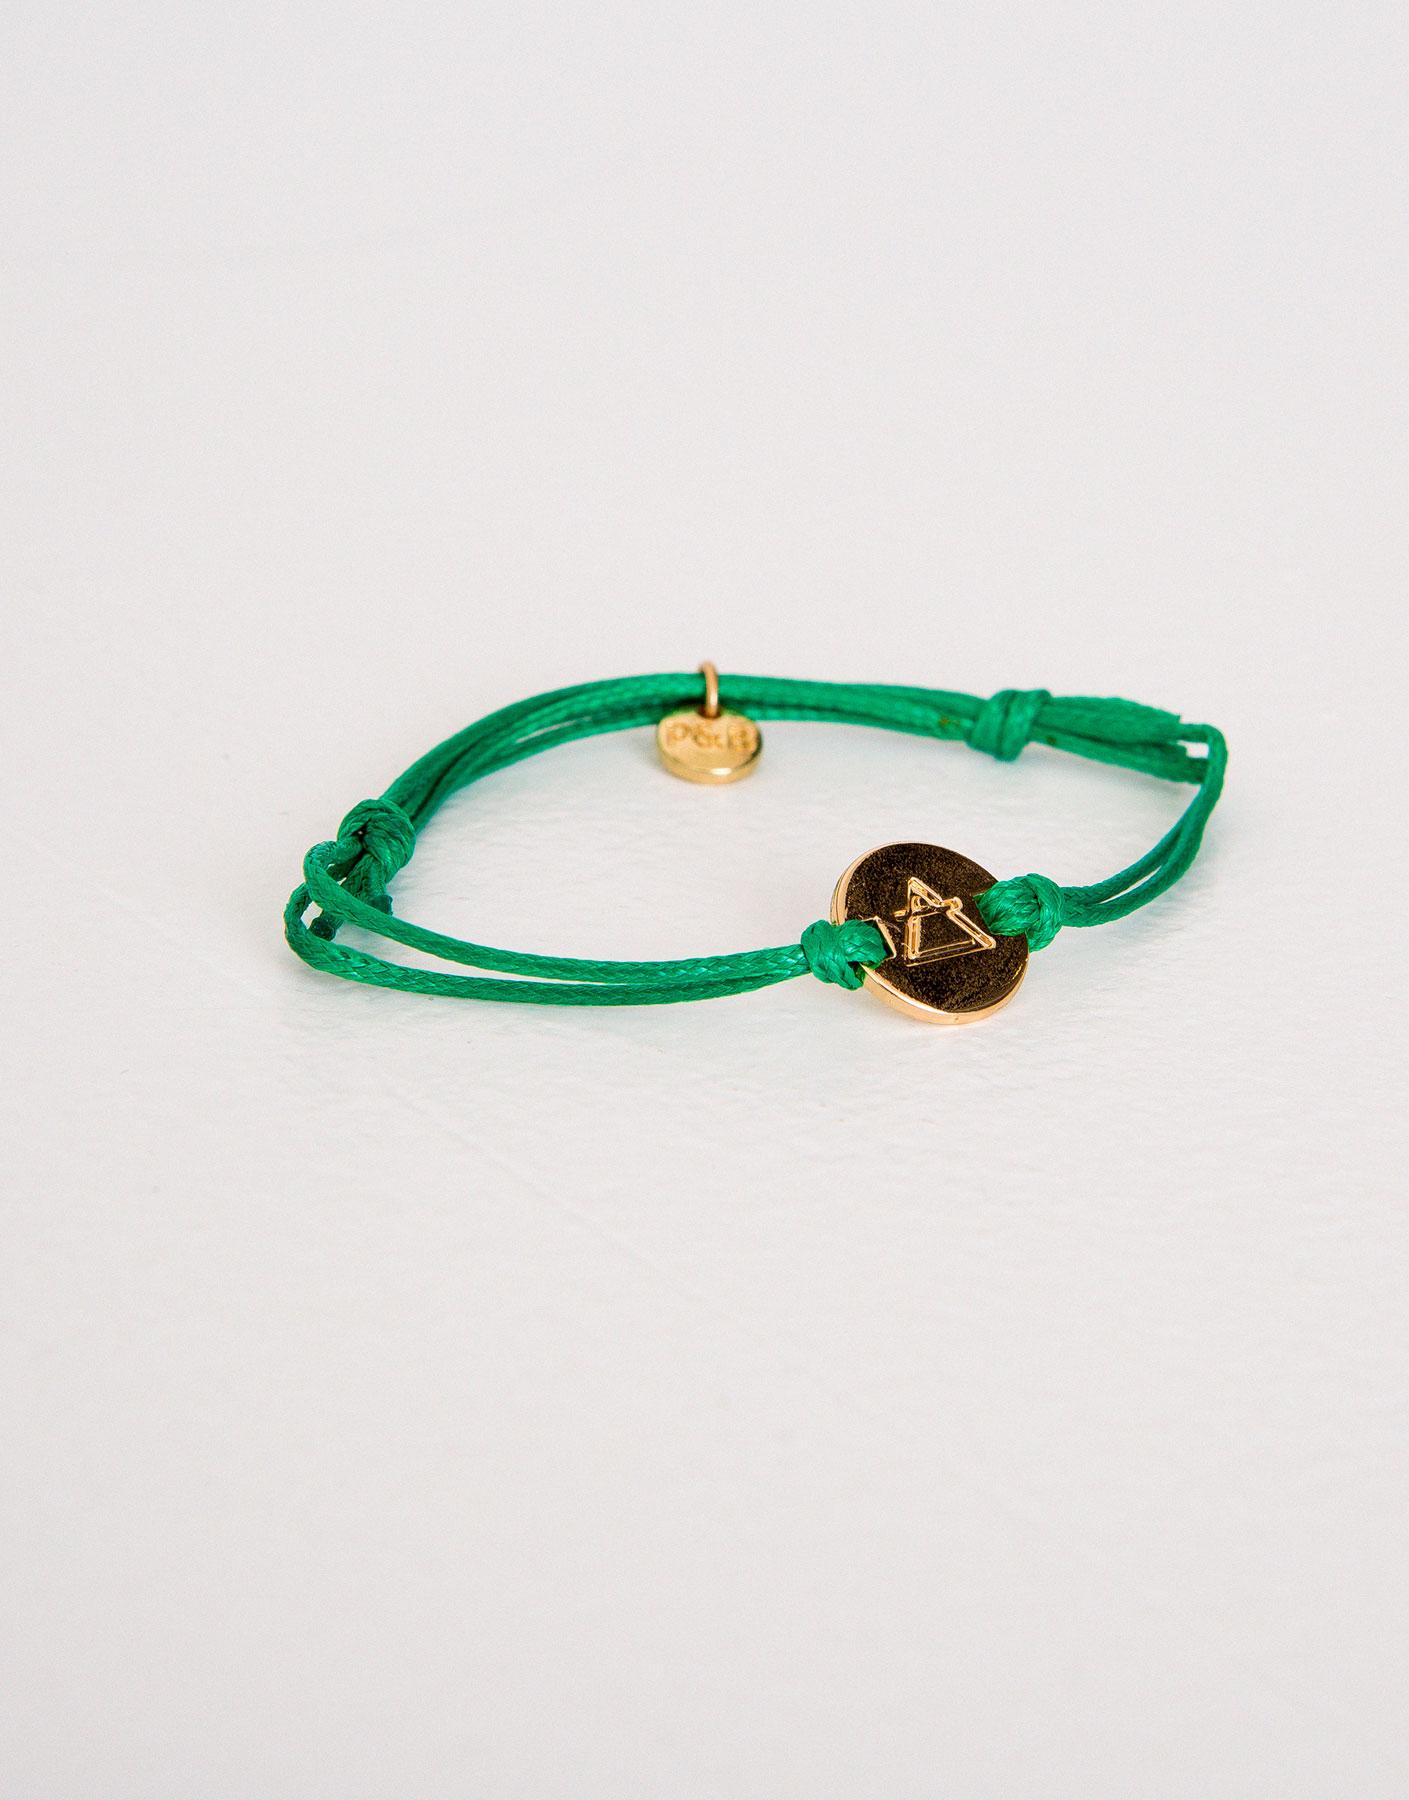 Zodiac land bracelet